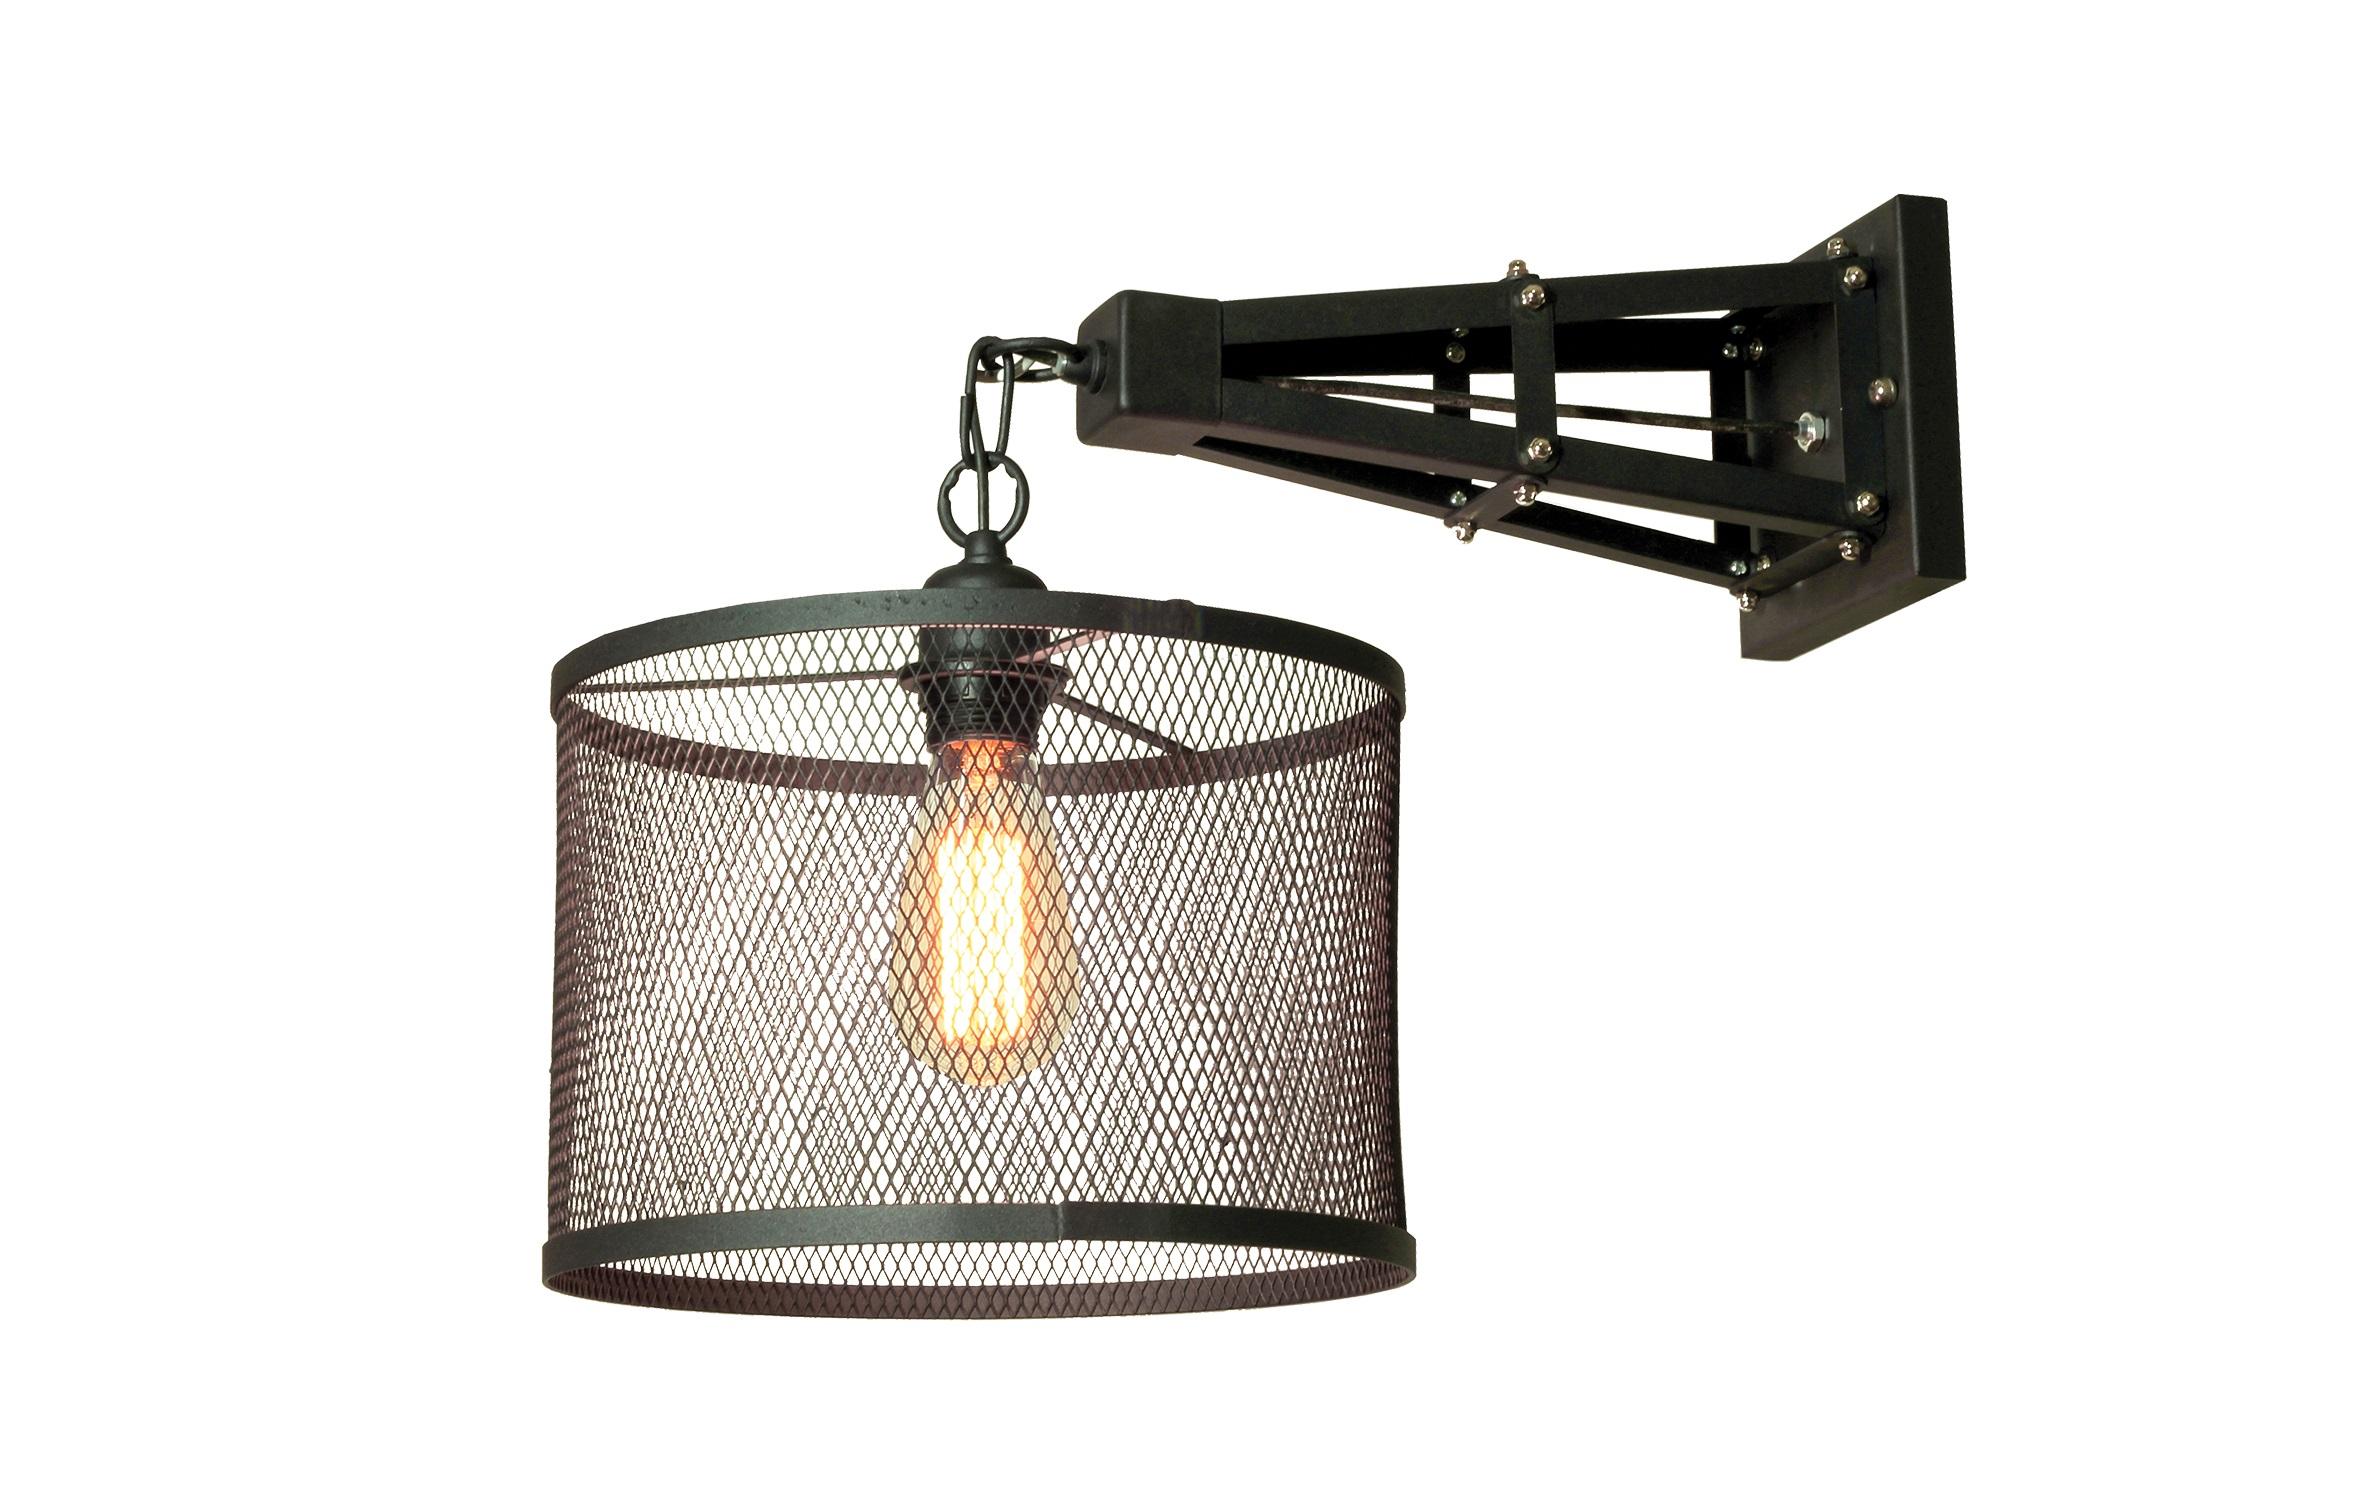 Настенный светильникУличные подвесные и потолочные светильники<br>&amp;lt;div&amp;gt;Вид цоколя: E27&amp;lt;br&amp;gt;&amp;lt;/div&amp;gt;&amp;lt;div&amp;gt;&amp;lt;div&amp;gt;Мощность: 60W&amp;lt;/div&amp;gt;&amp;lt;div&amp;gt;Количество ламп: 1&amp;lt;/div&amp;gt;&amp;lt;div&amp;gt;Наличие ламп: отсутствуют.&amp;lt;/div&amp;gt;&amp;lt;/div&amp;gt;<br><br>Material: Металл<br>Length см: 36<br>Width см: 30<br>Depth см: 49